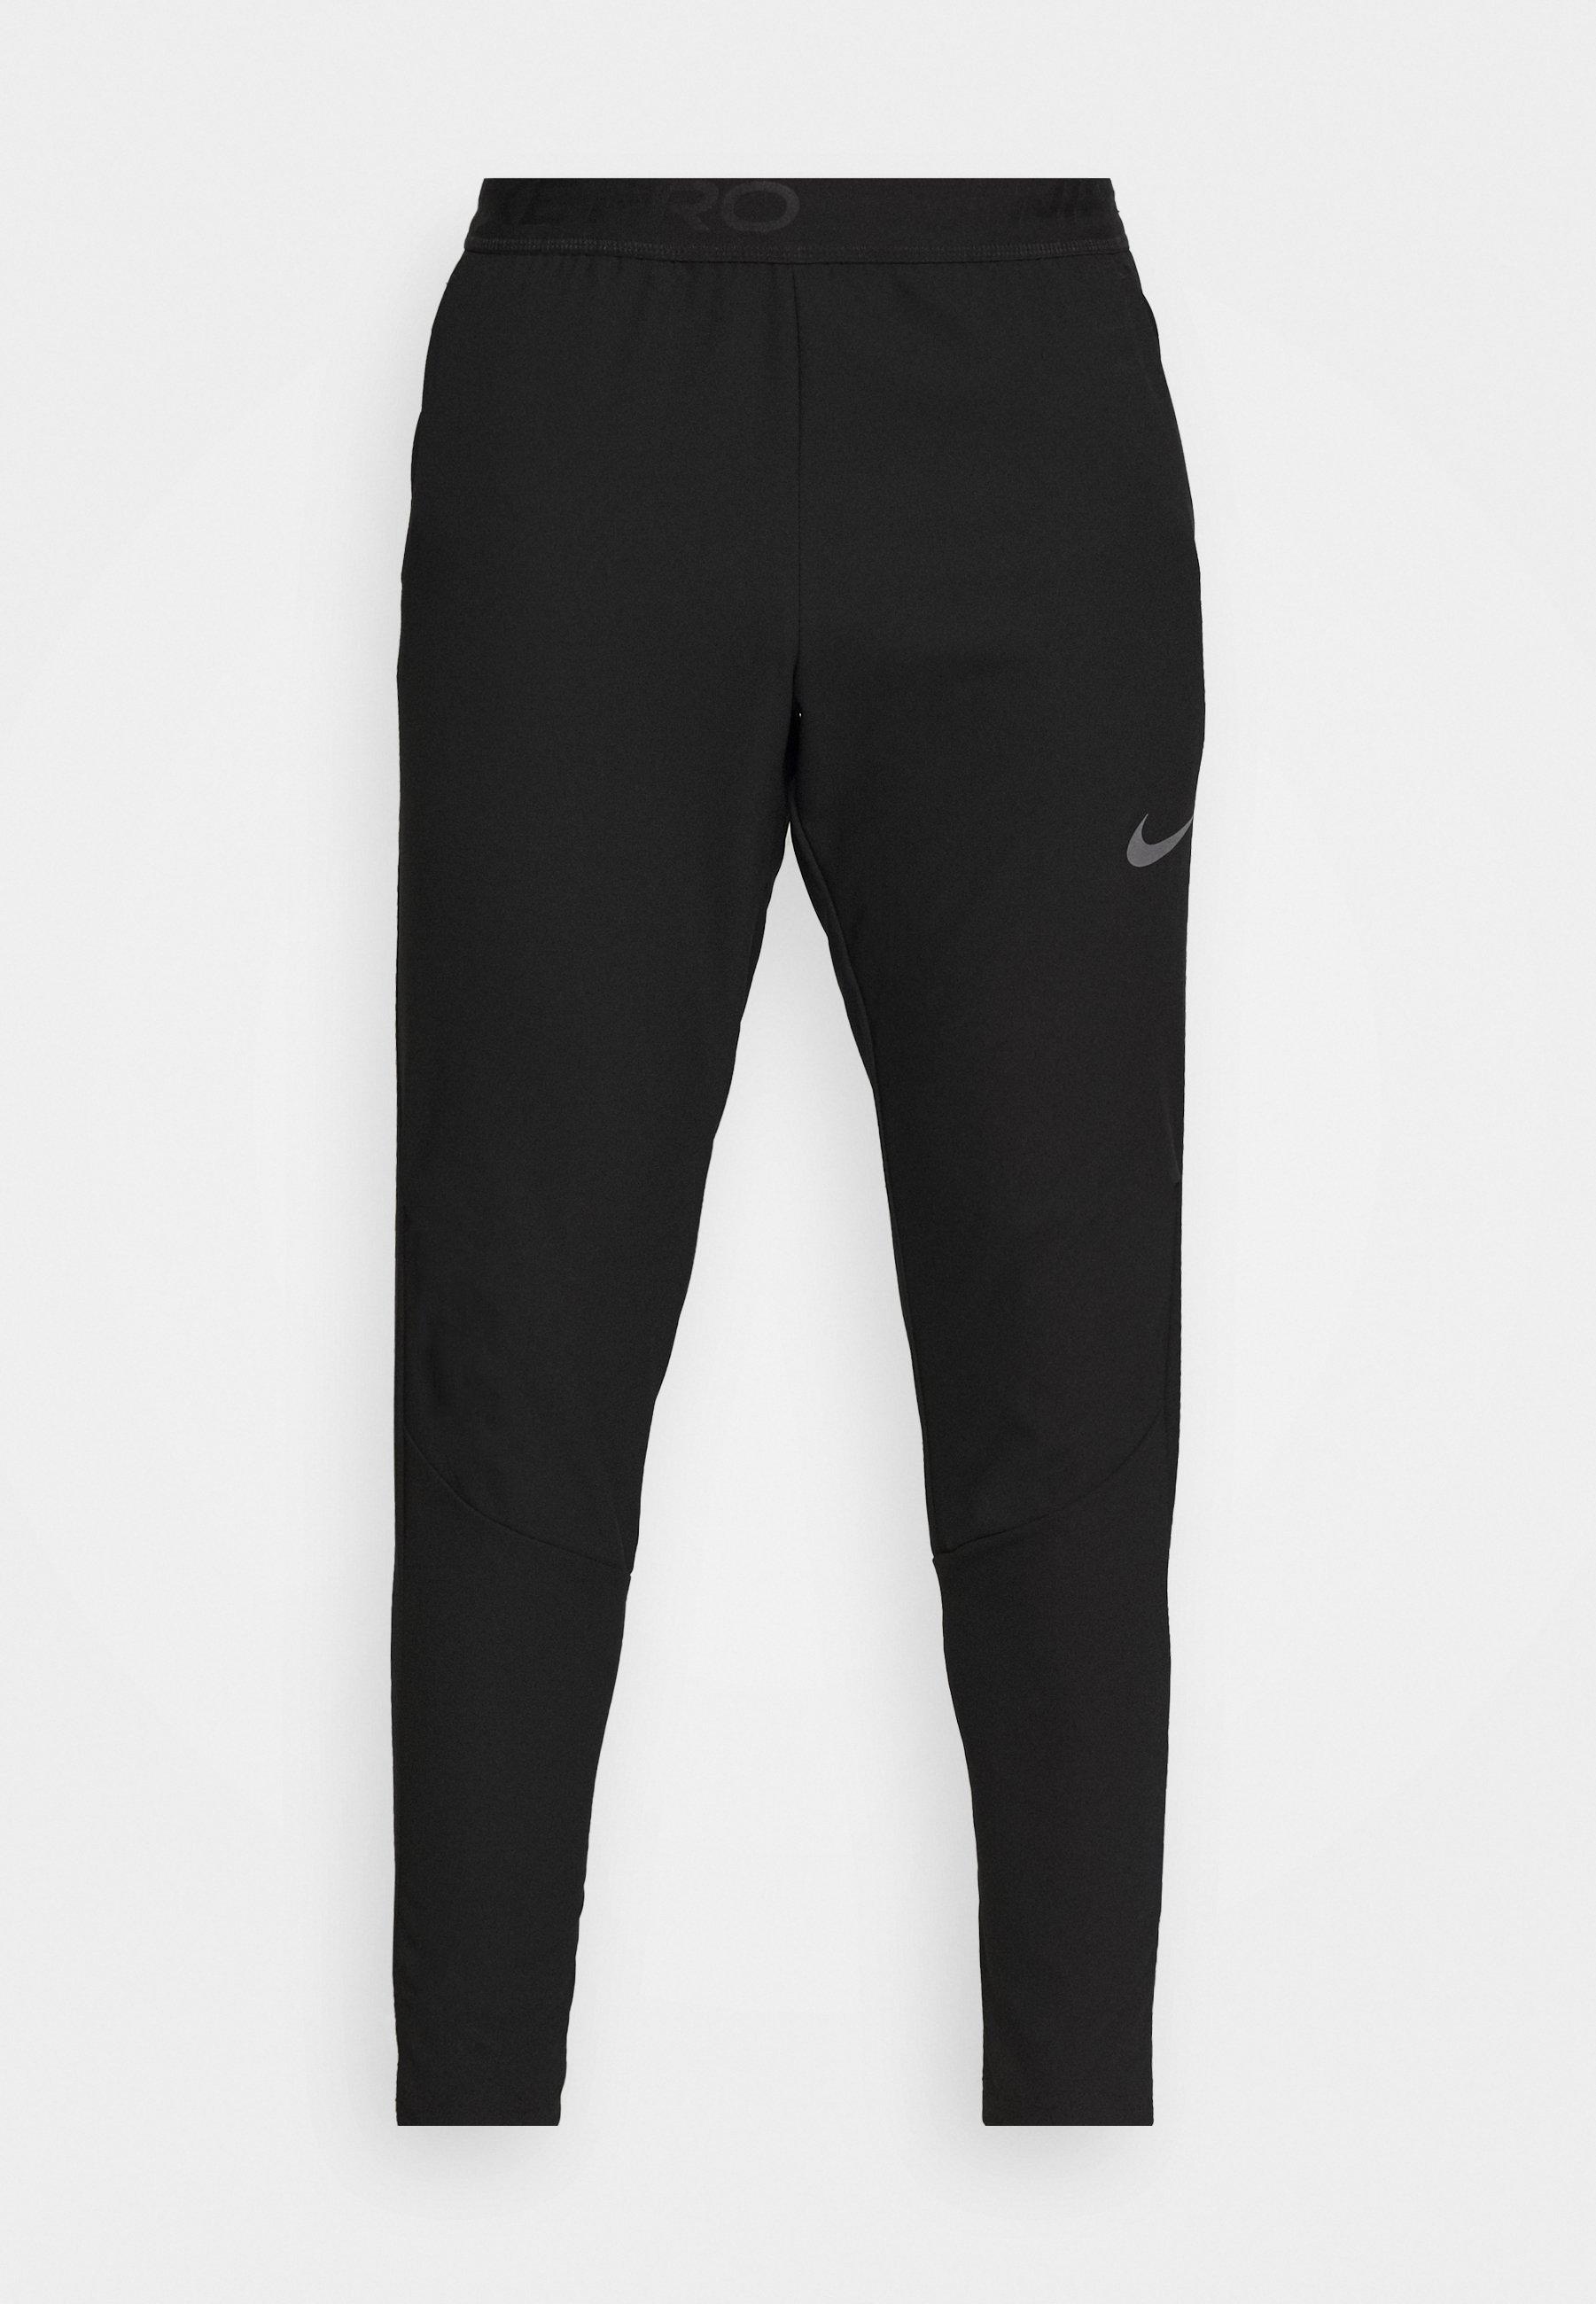 Lange Bukser   Herre   Nye sportsklær på nett hos Zalando